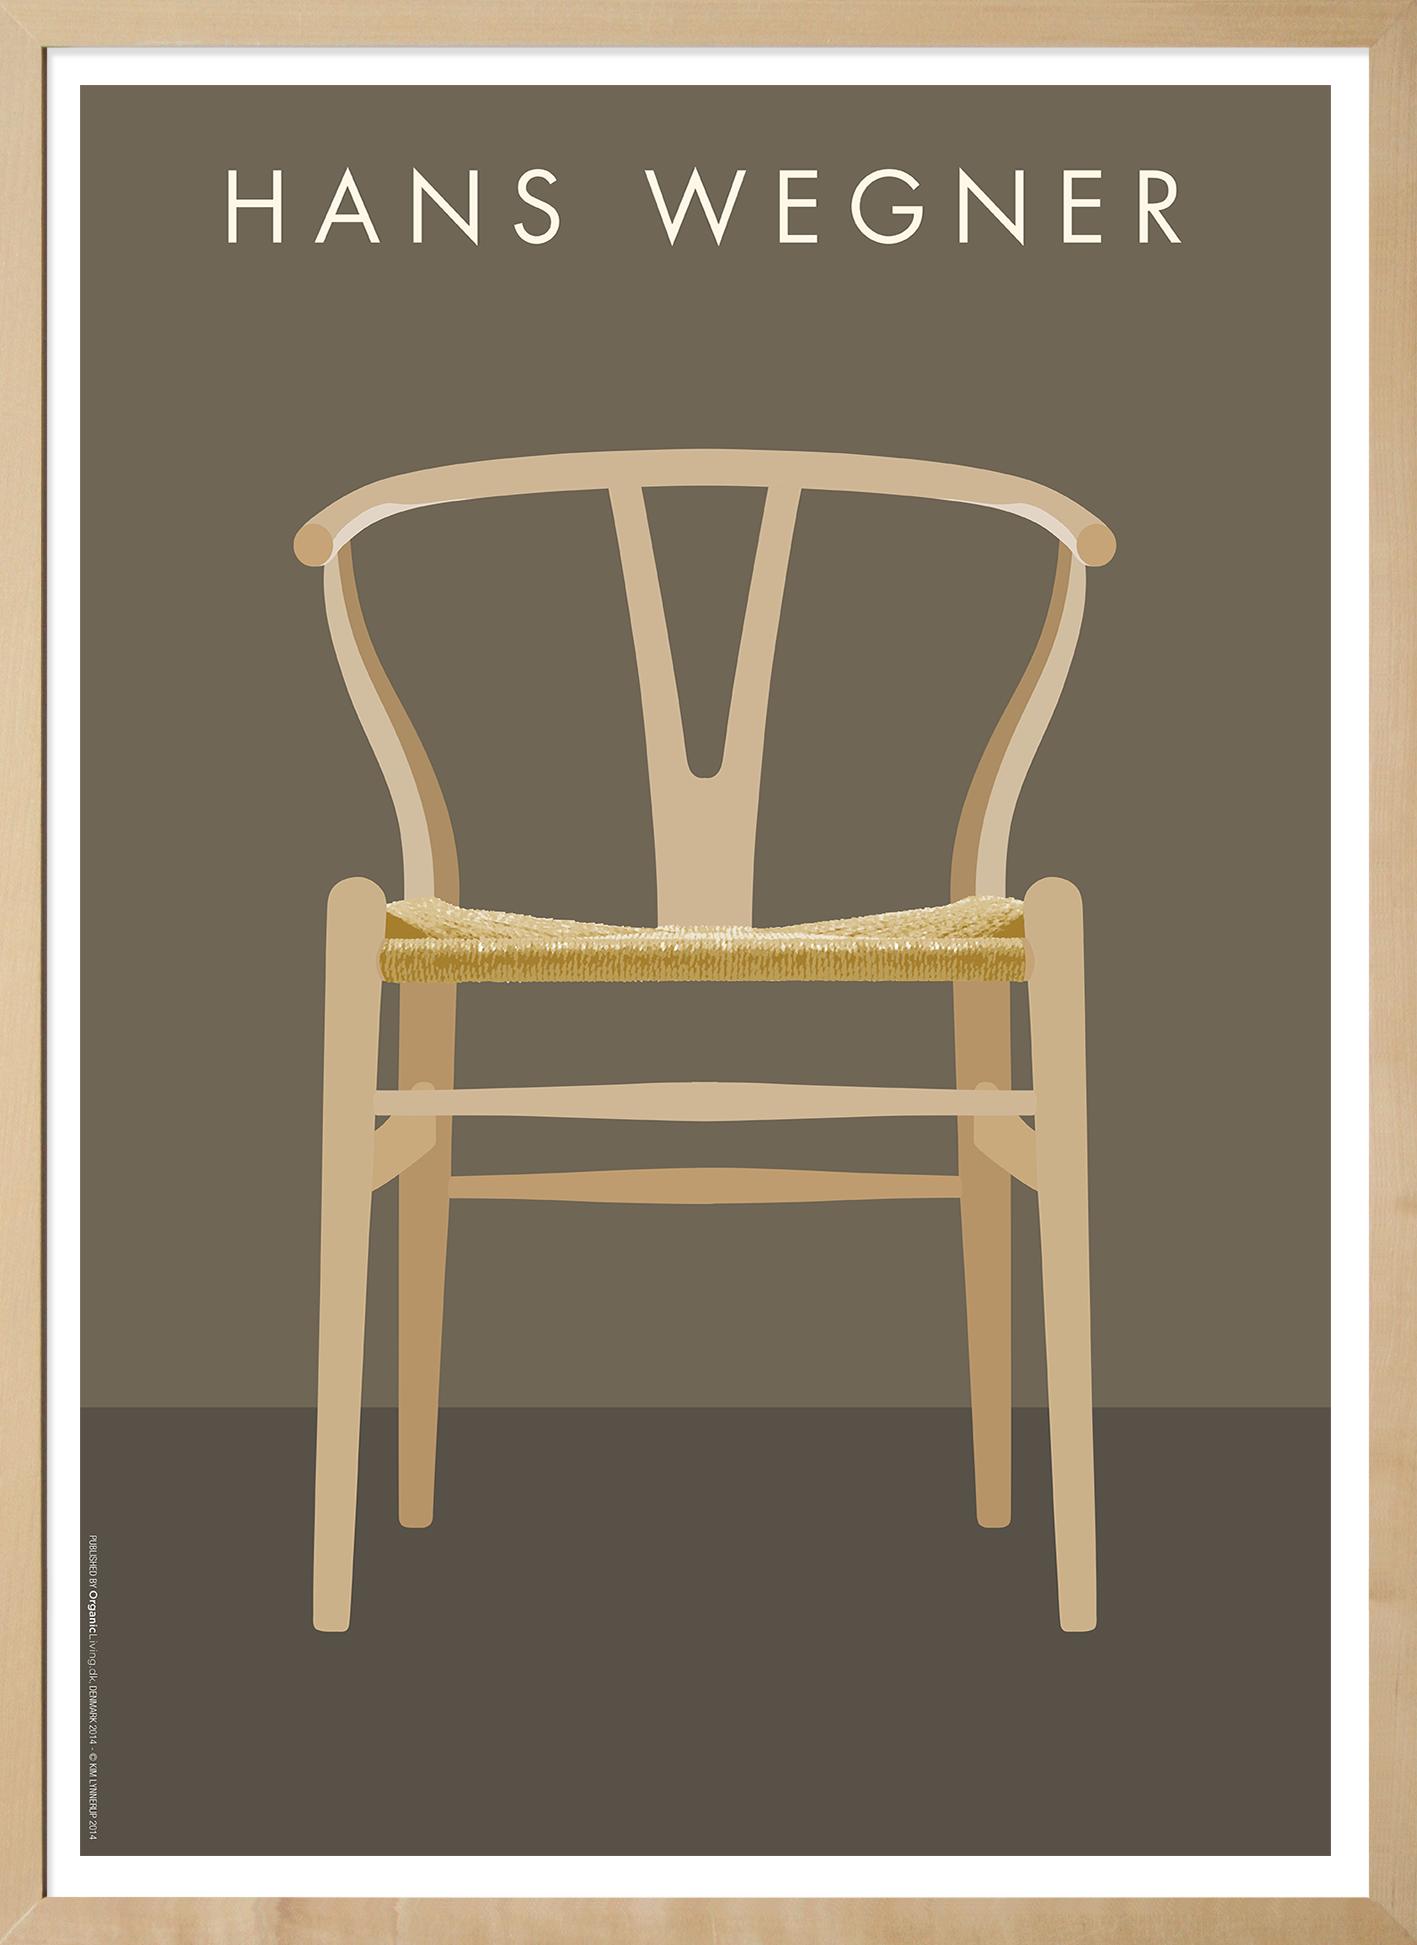 plakat den ber mte y stol m belarkitekt hans j wegner. Black Bedroom Furniture Sets. Home Design Ideas